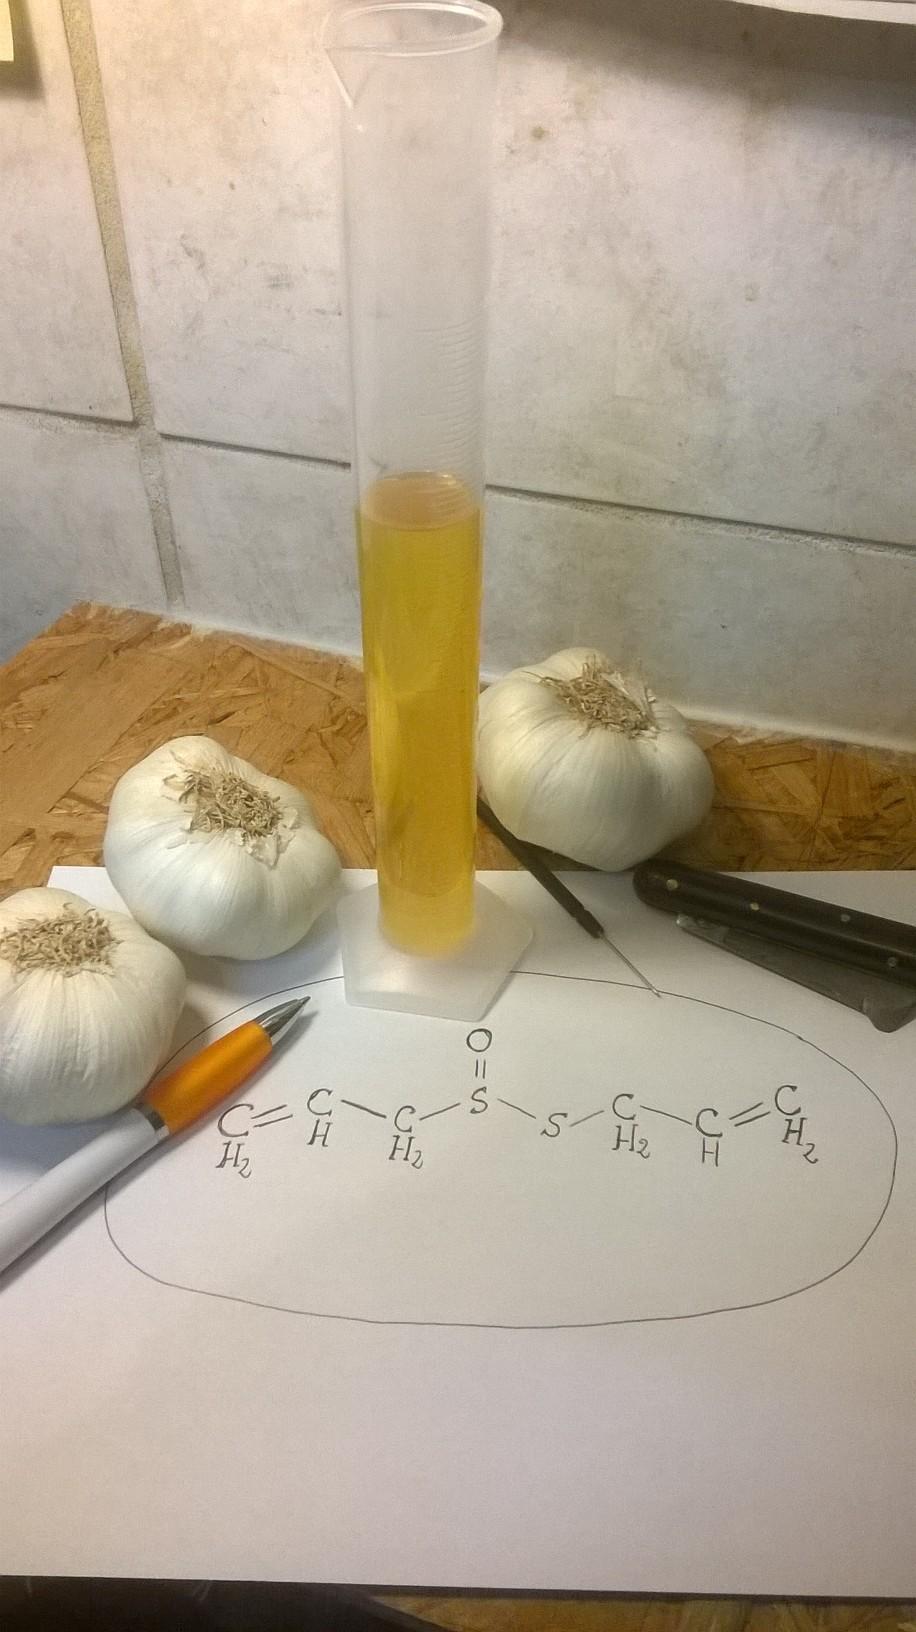 L'estratto di Allium sativum in soluzione glicolica